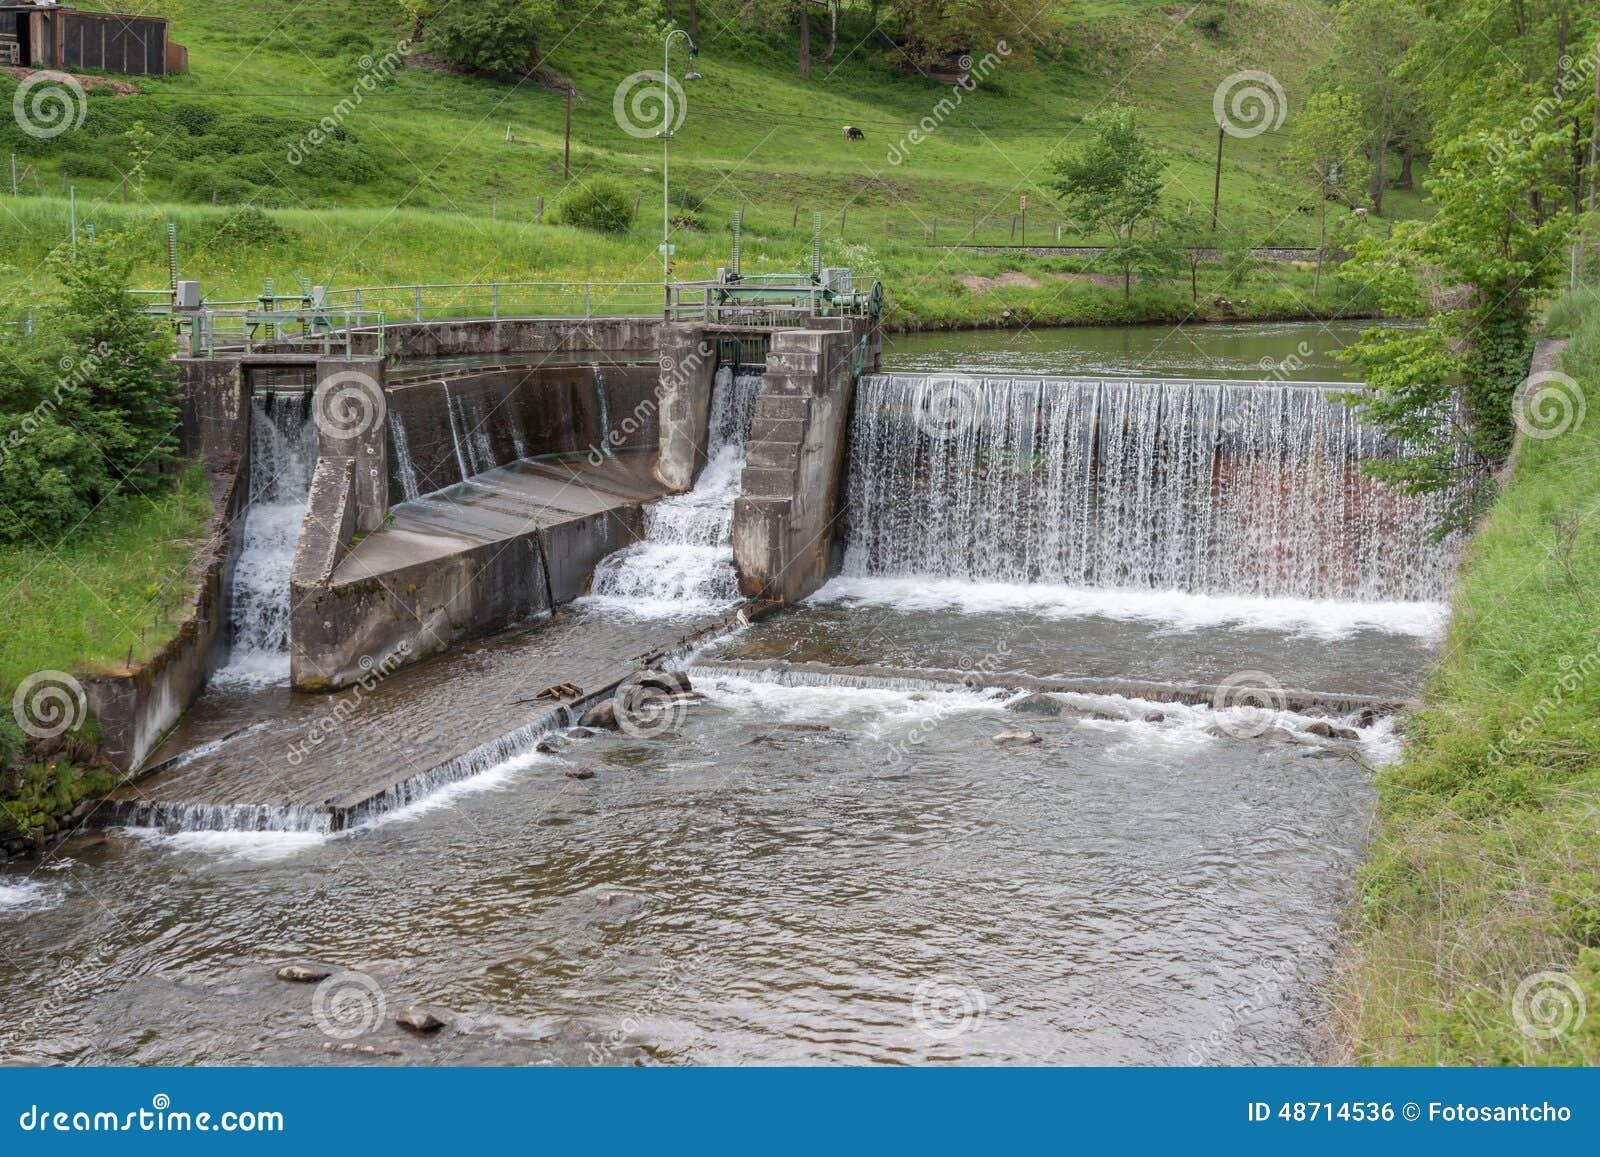 Cascade l 39 eau rivi re barrage nergie hydraulique photo stock image 48714536 - Barrage de l odeur ...